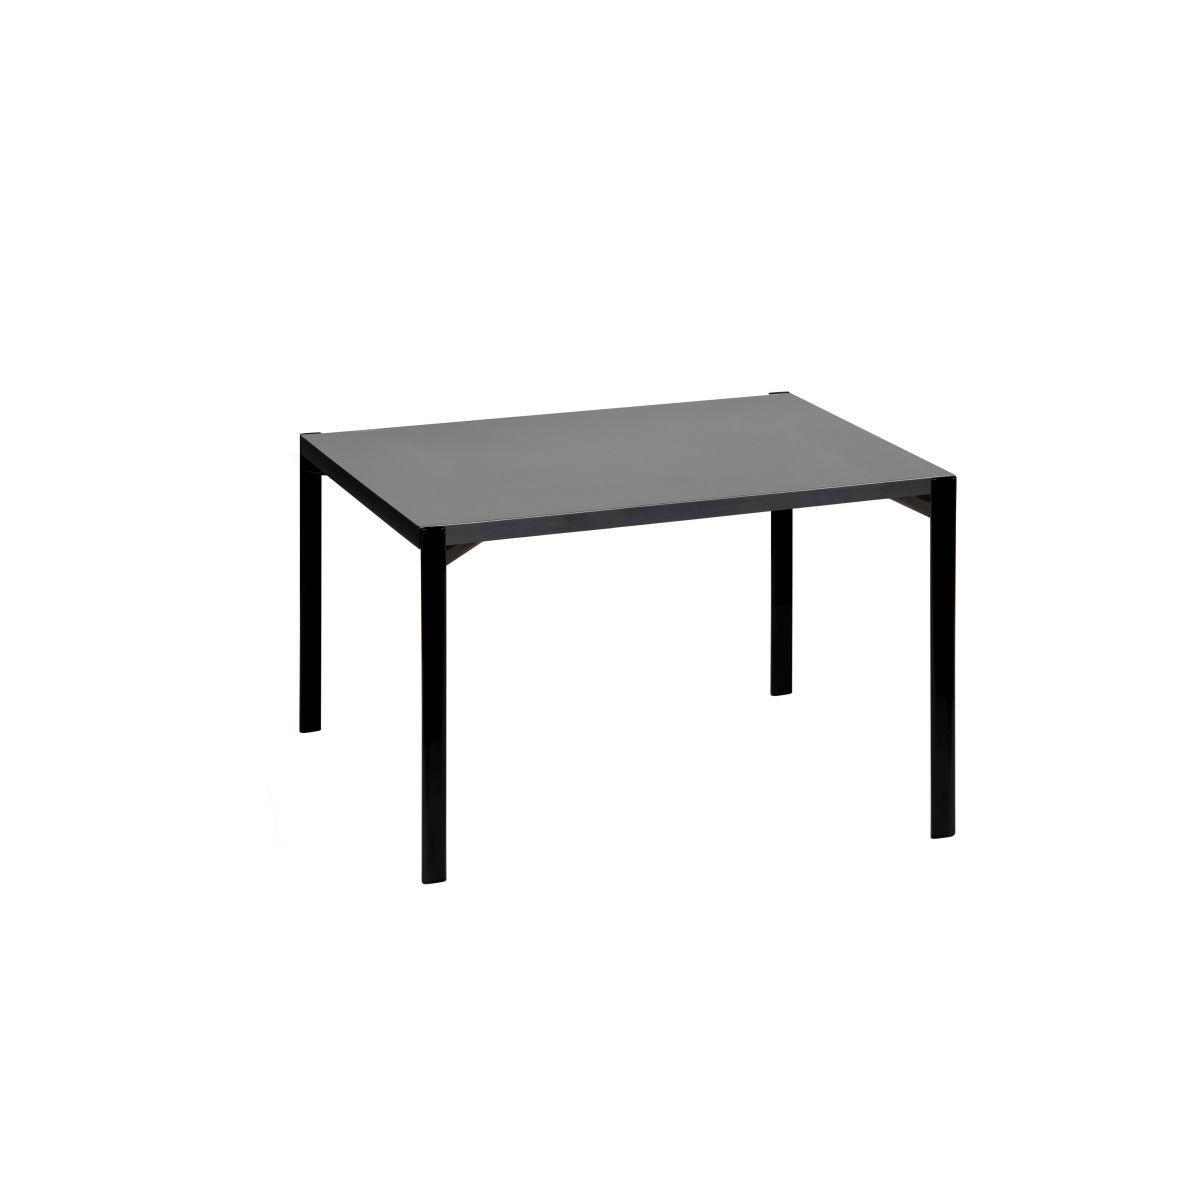 Kiki_Low_Table_black-linoleum-60-2650993